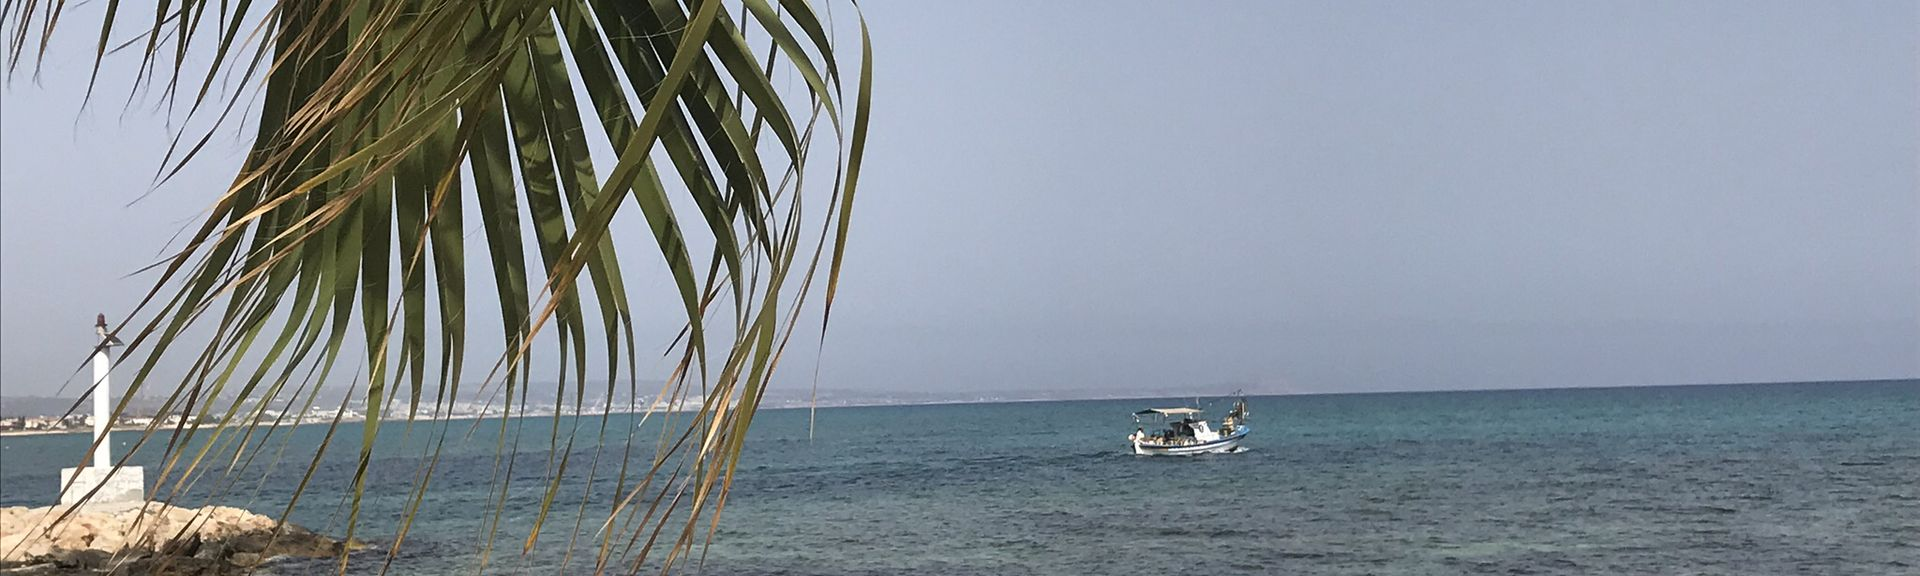 Larnaka, Zypern